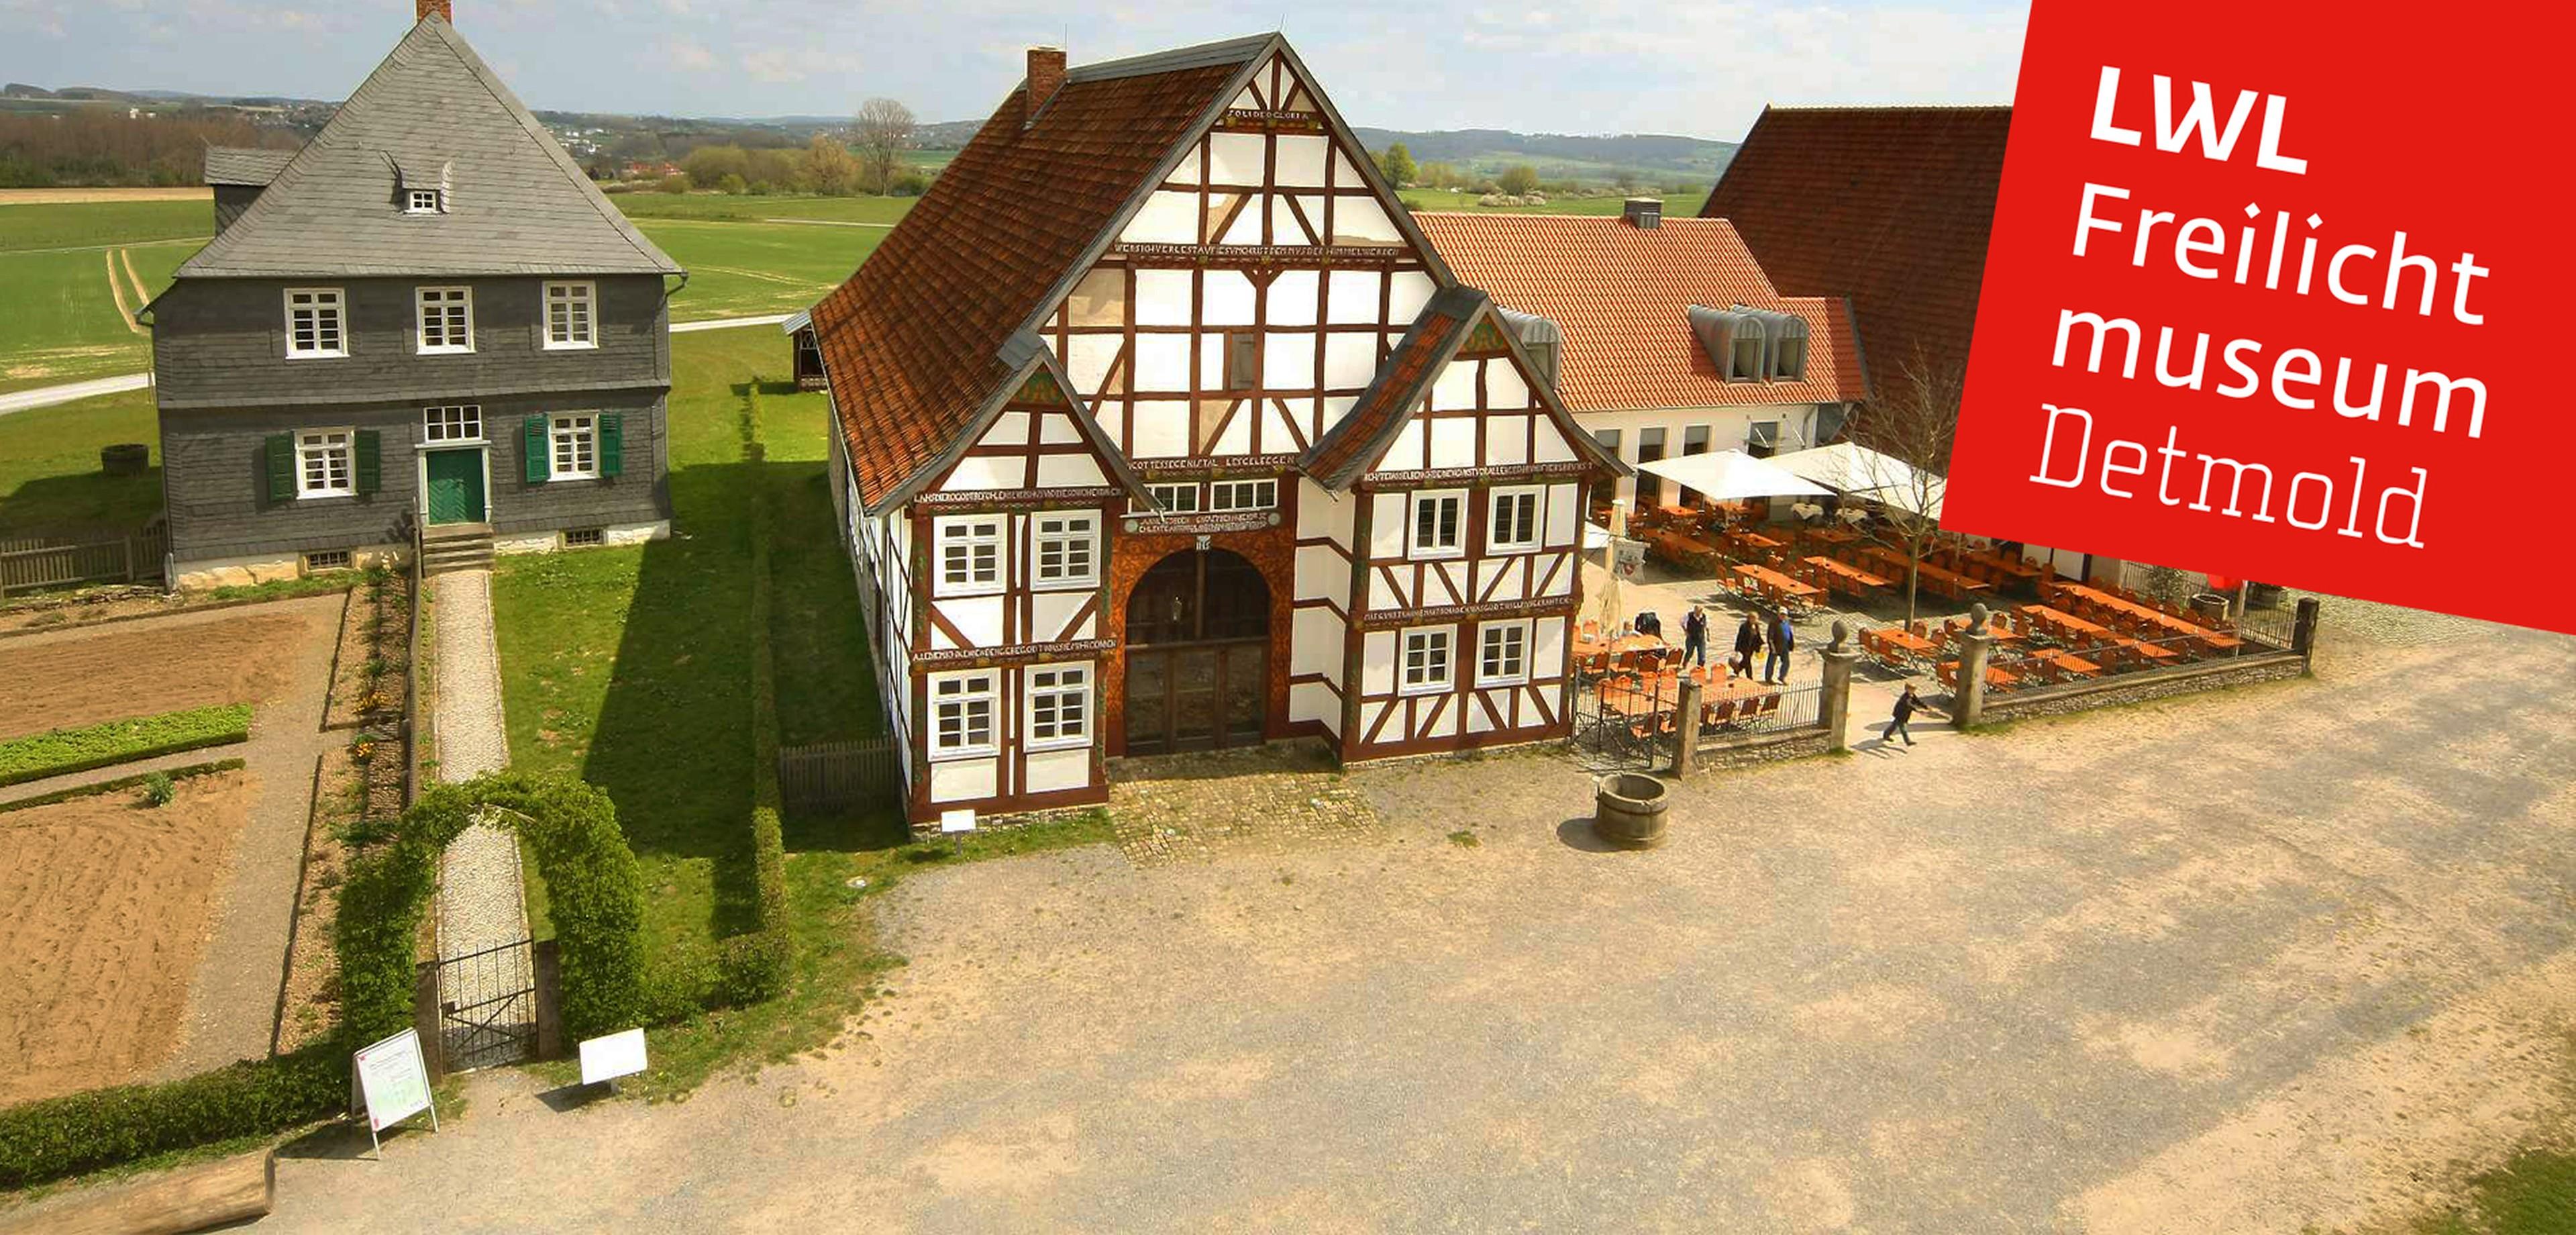 LWL | Im Weissen Ross - LWL Open-Air Museum Detmold